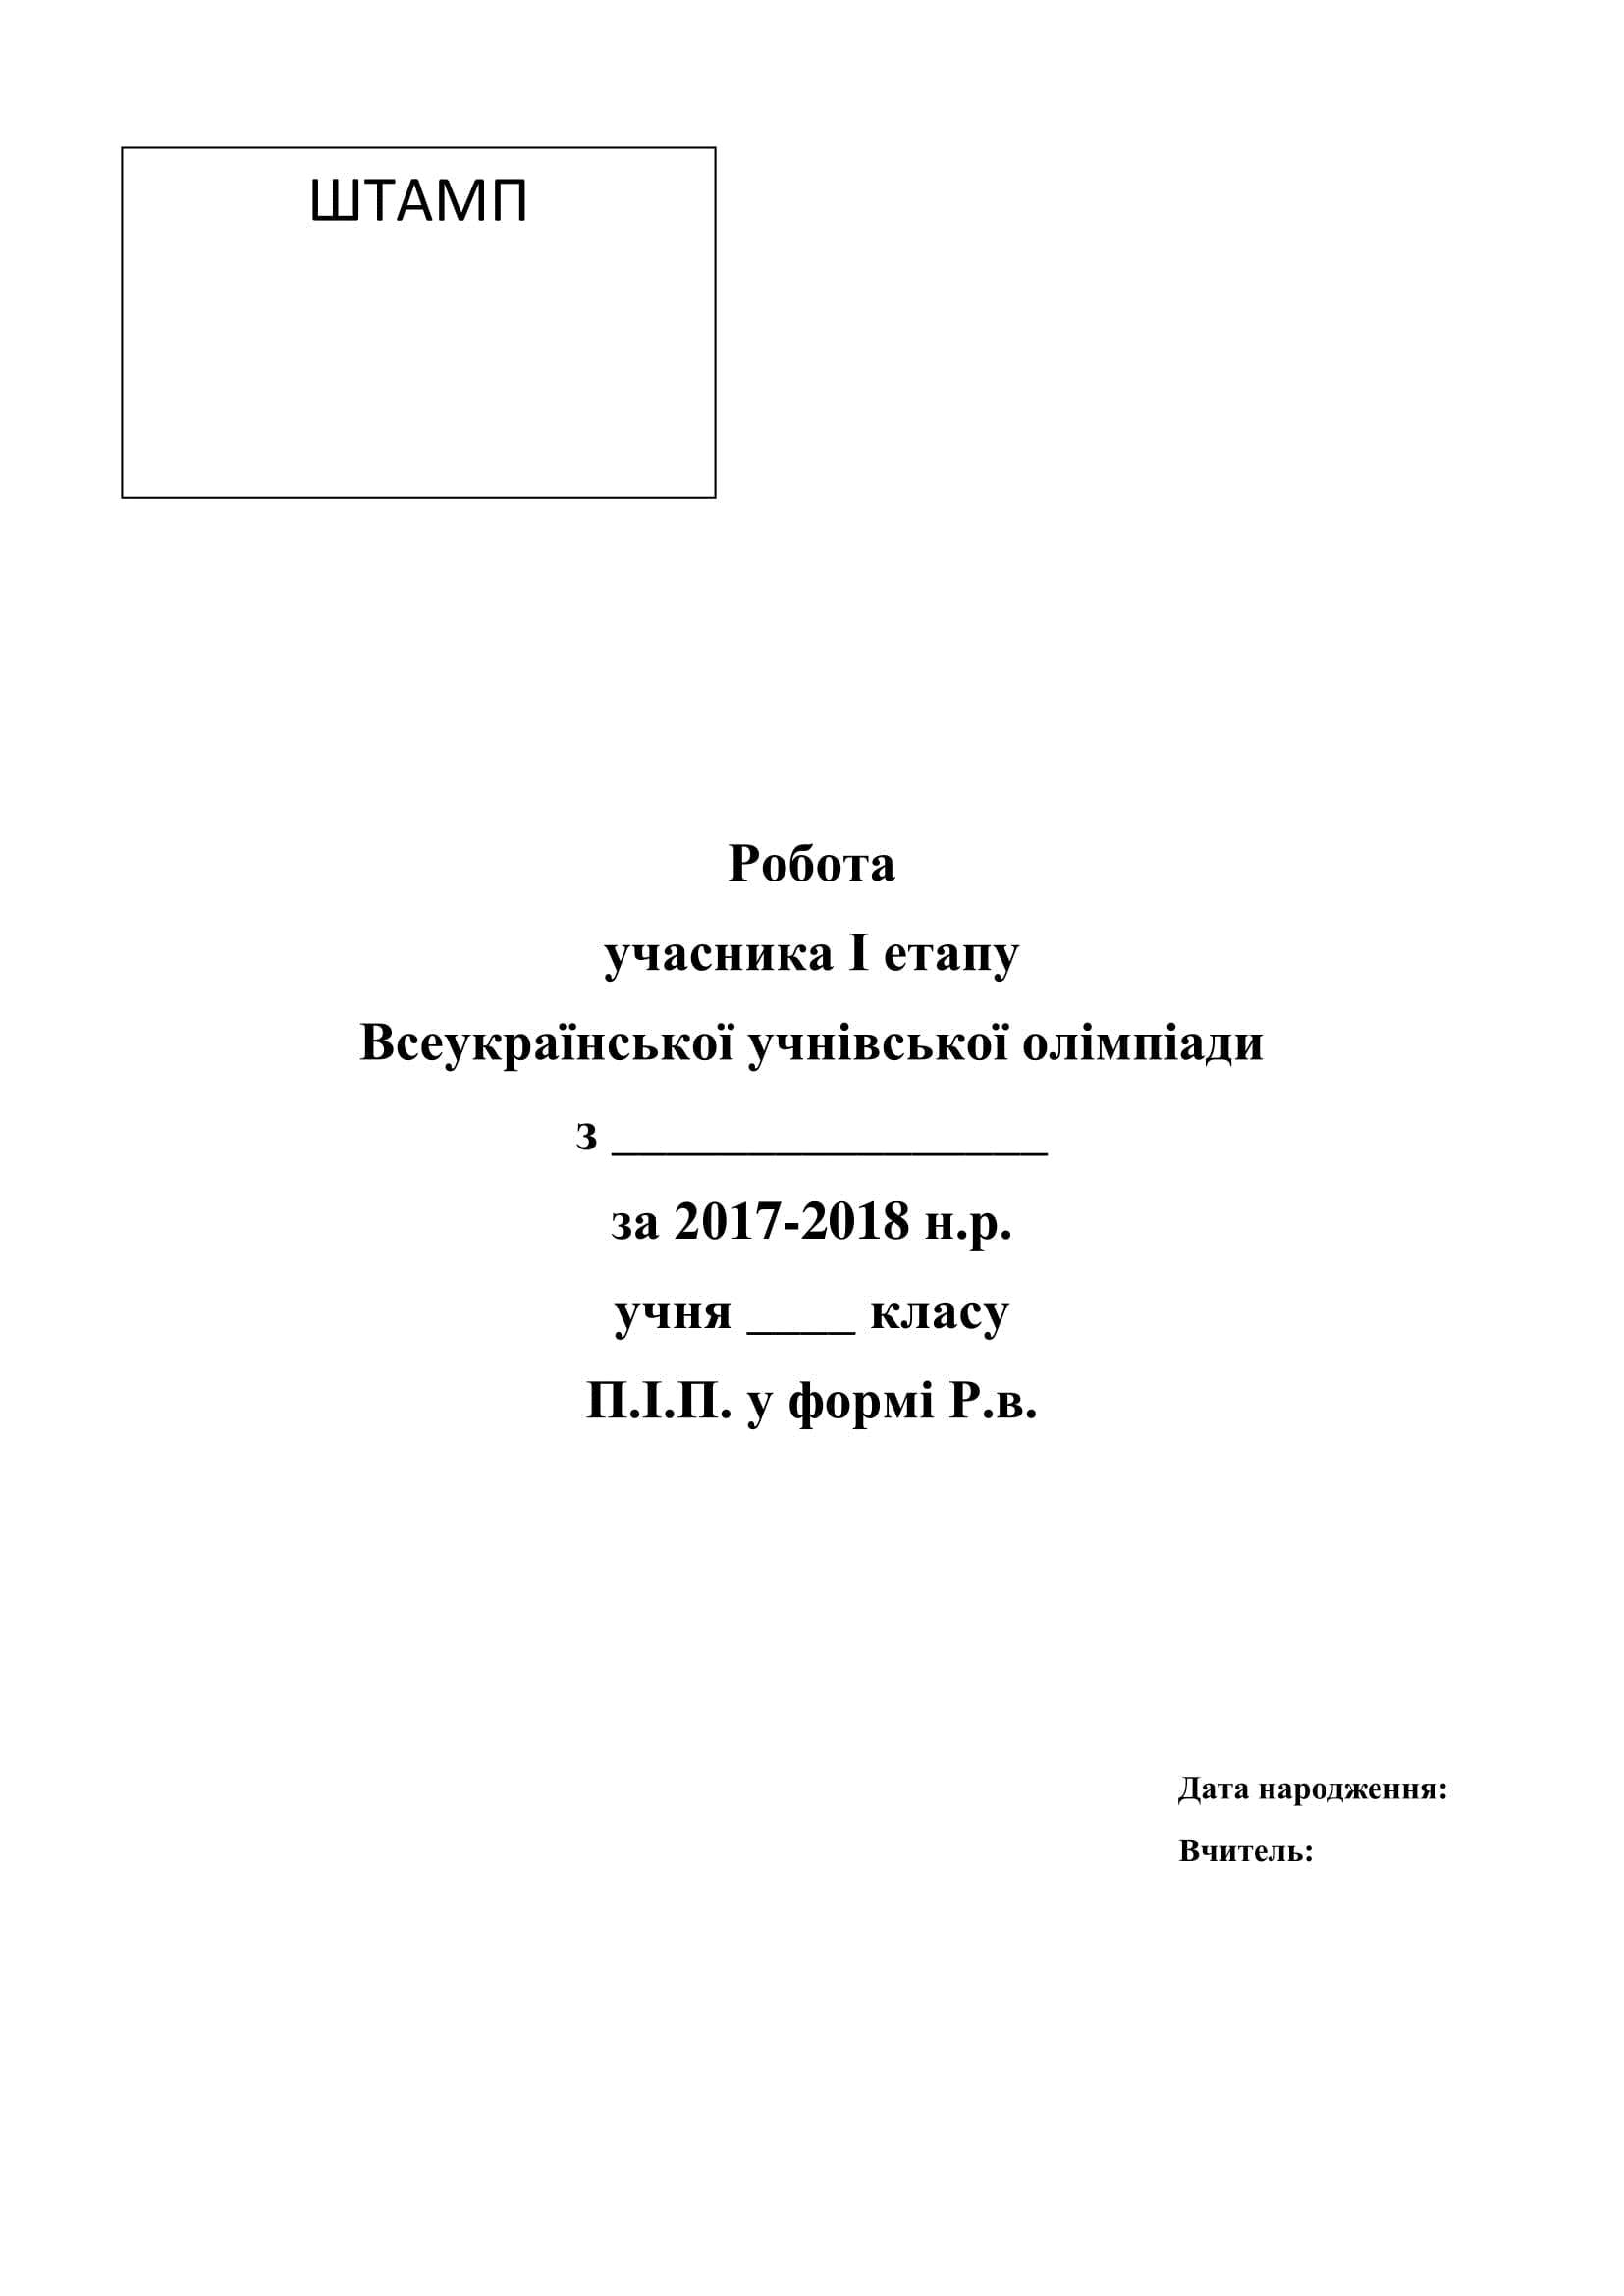 Зразок протоколу батьківських зборів